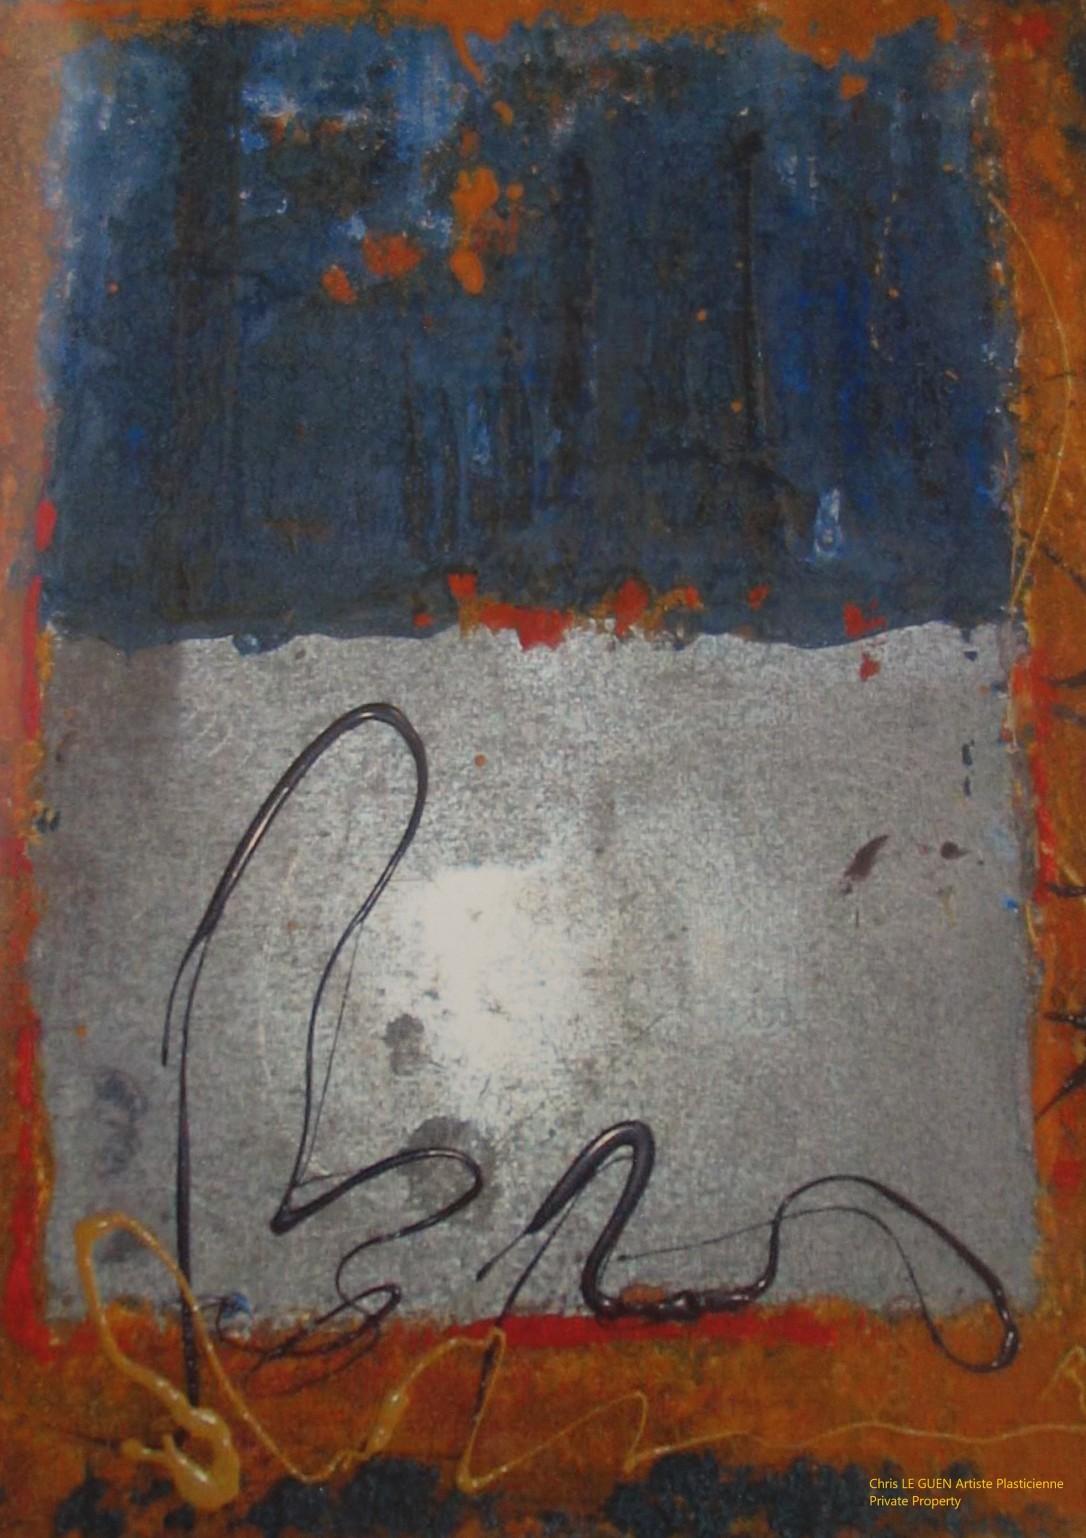 Chris Le Guen Artiste Plasticienne Peintre et Sculptrice peint N°16